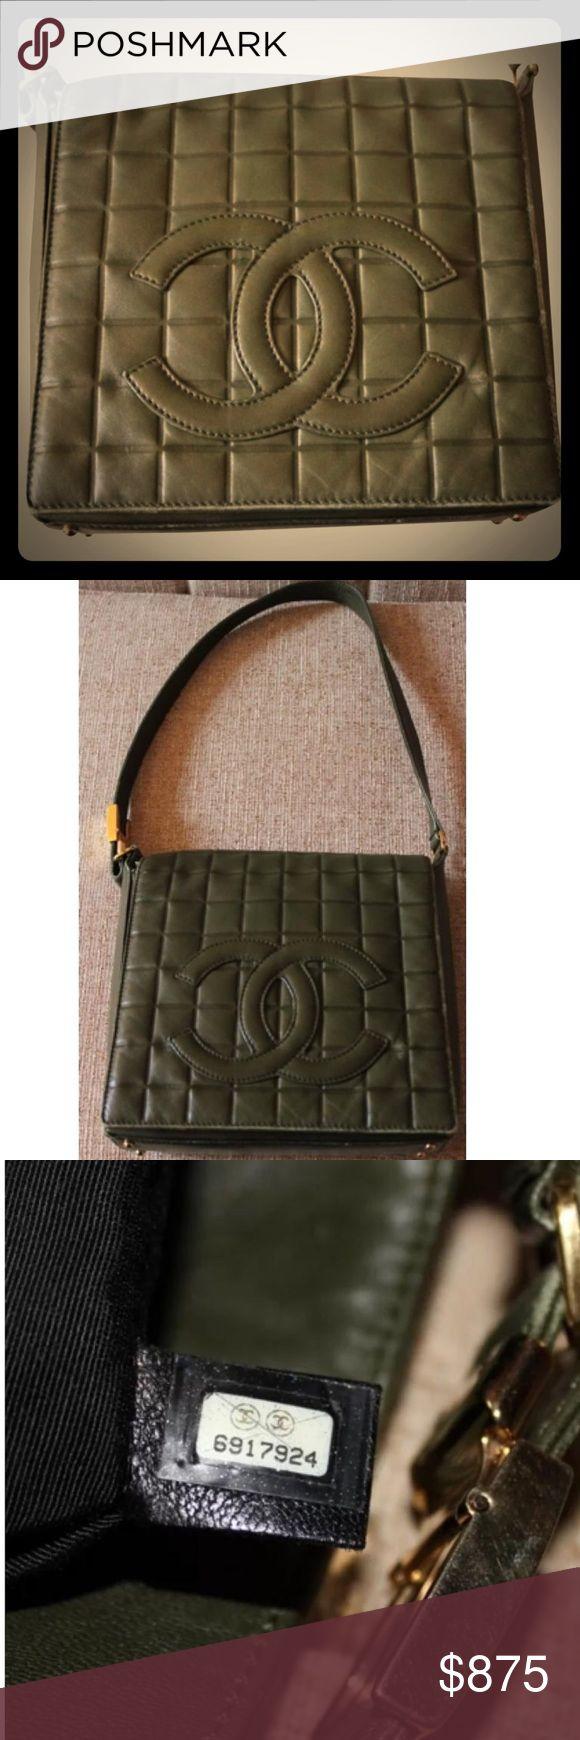 Chanel shoulder bag Chanel shoulder bag dark green. Comes with dust bag. 100% auth. CHANEL Bags Shoulder Bags